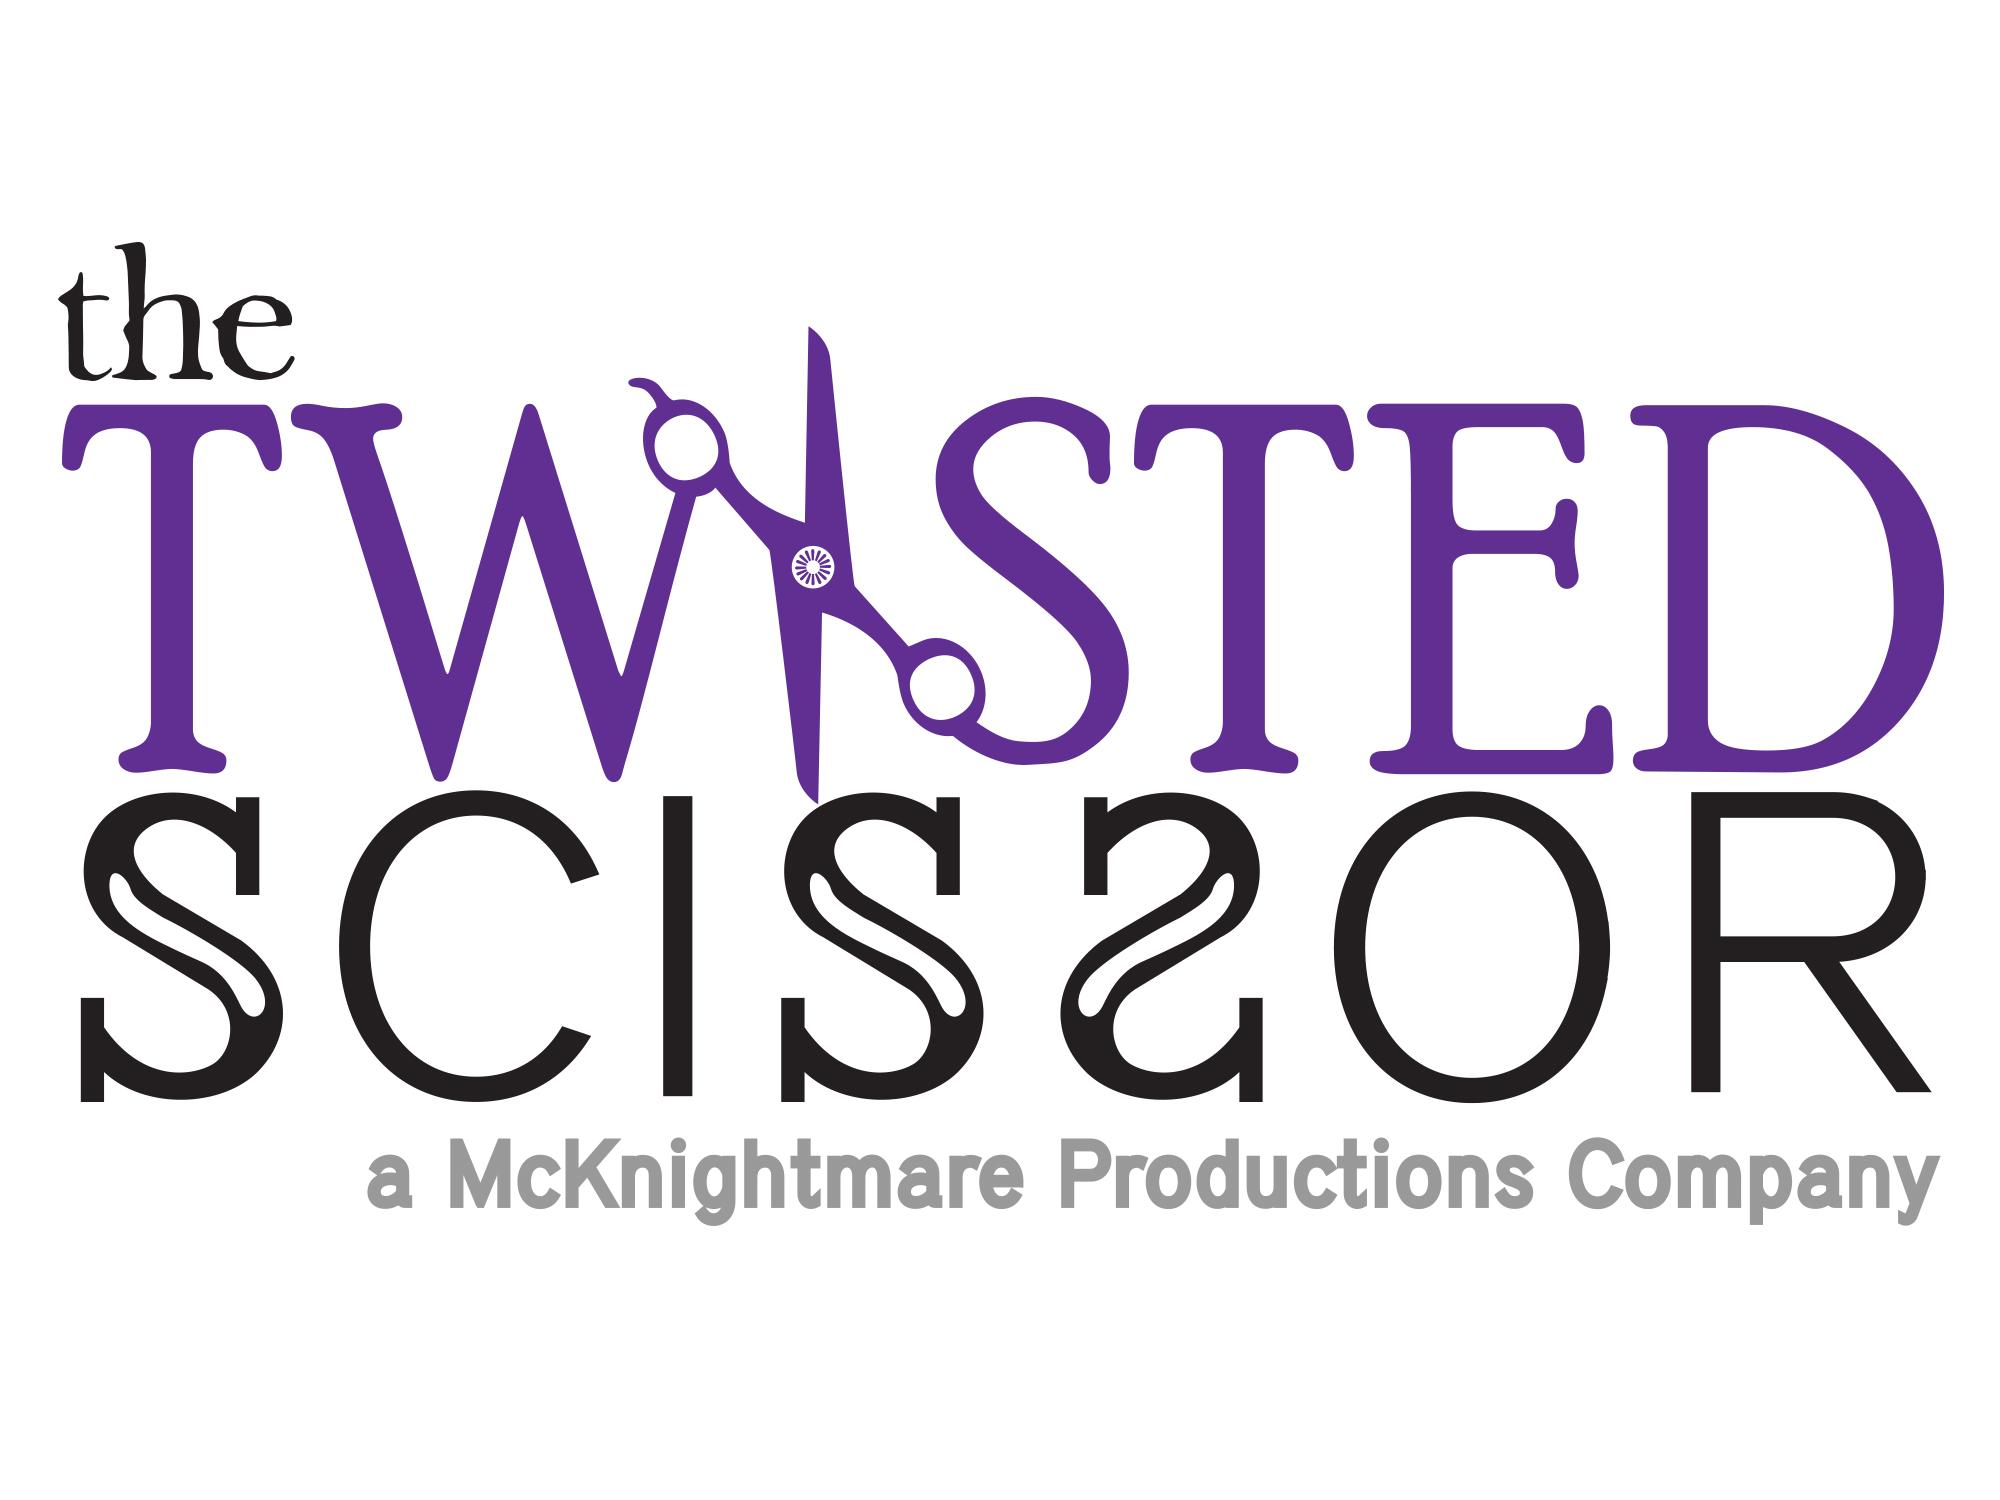 TwistedScissor